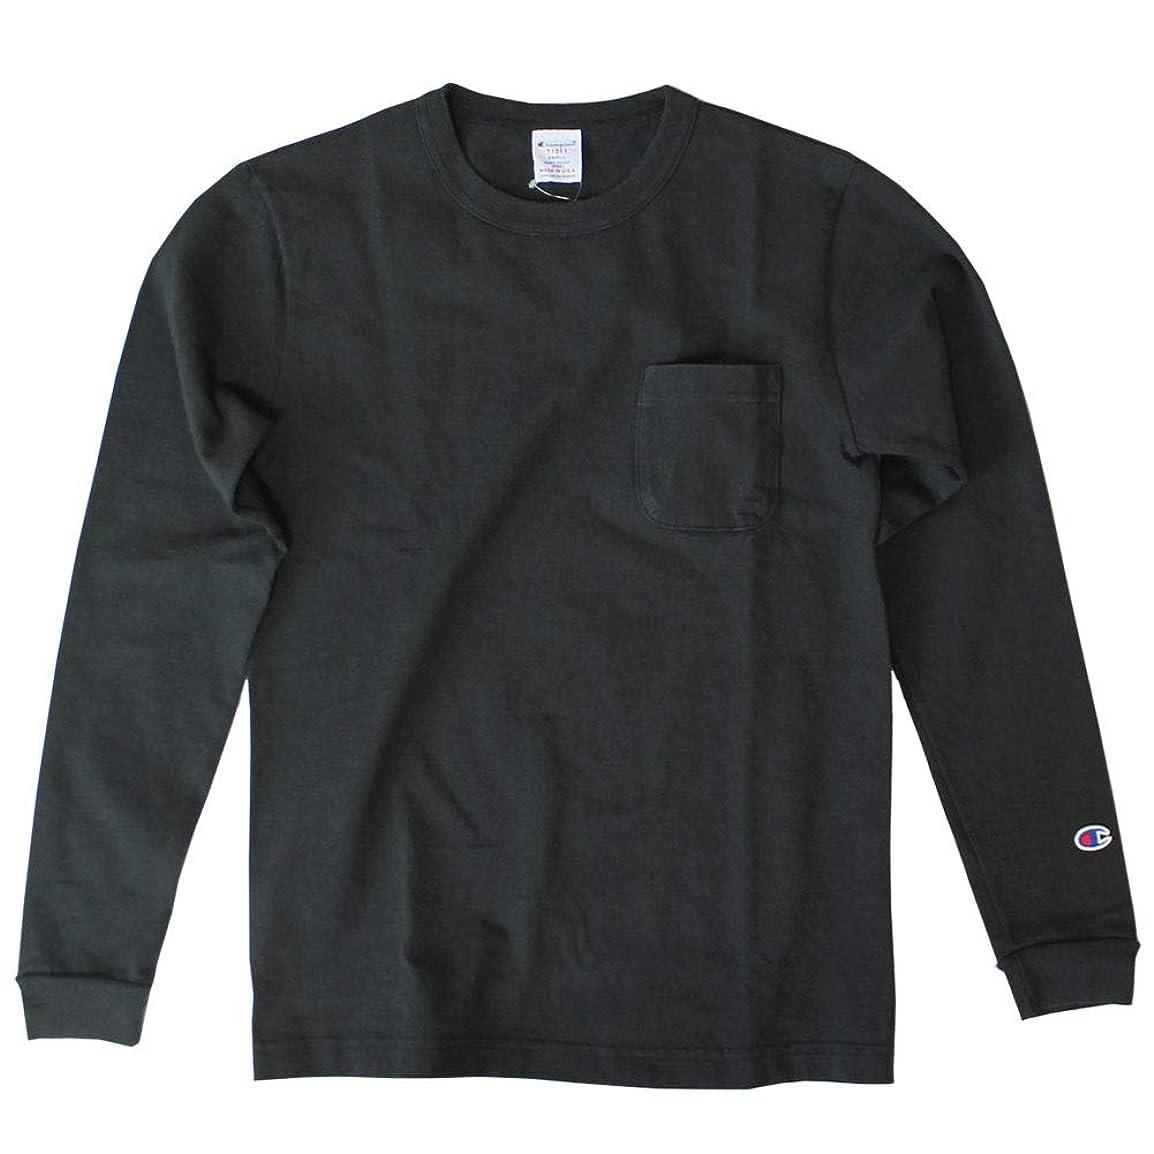 ナンセンスプレゼンター圧倒的(チャンピオン) Champion T1011 ラグラン ポケット付きロングスリーブTシャツ ロンT C5-P401 ブラック Black